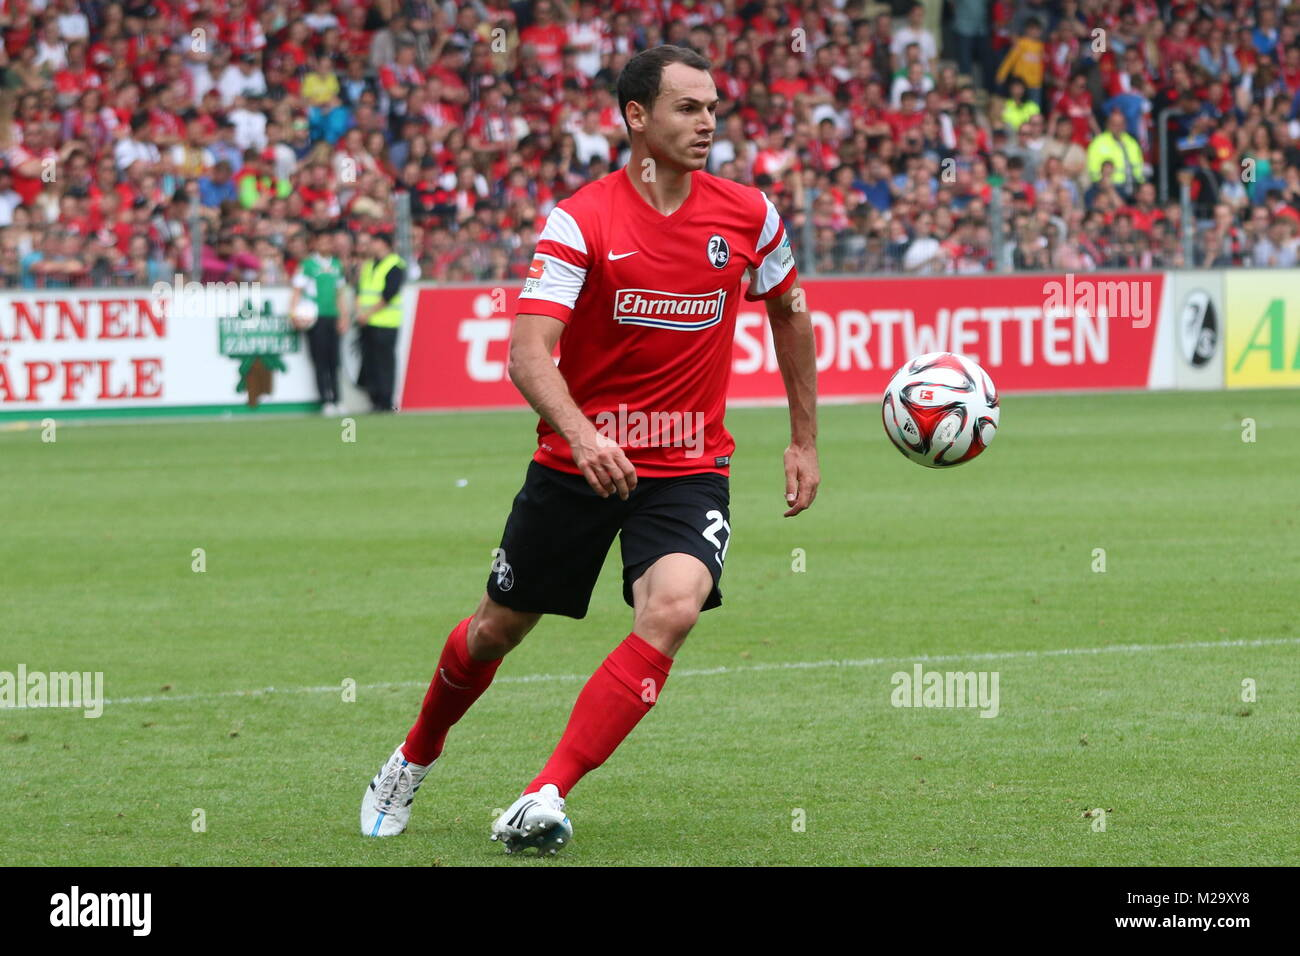 Nicolas Höfler (Freiburg) am Ball - Fußball-Bundesliga 14/15: 33. Spieltag, SC Freiburg vs FC Bayern München - Stock Image